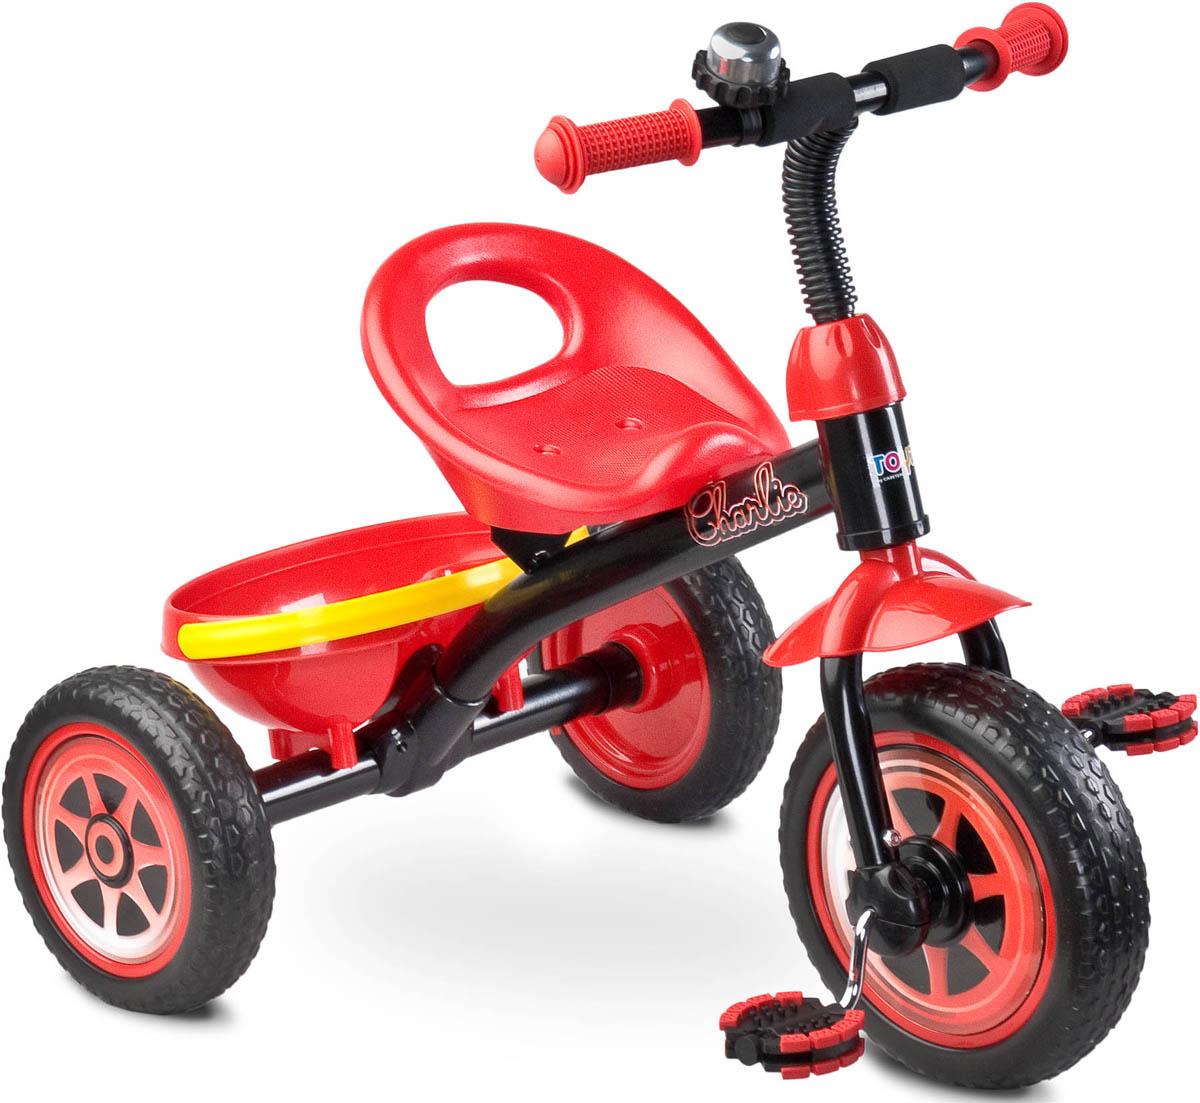 Caretero Велосипед трехколесный детский Charlie цвет красныйTOYZ-0293Детский трехколесный велосипед Toyz (Caretero) Charlie – новинка 2016 года, прекрасно подойдет на роль первого велосипеда. У Charlie яркий современный дизайн, который произведет впечатление, как на вашего ребенка, так и на окружающих. Велосипед имеет устойчивую безопасную конструкцию, он легкий и компактный.Характеристики велосипеда Toyz Charlie: предназначен для детей от 3 до 5 лет; максимальная нагрузка – 25 кг; легкая и прочная рама; комфортное сиденье; колеса из вспененной резины; переднее колесо диаметром 25 см; задние колеса диаметром 21 см; звоночек на руле; удобная корзинка.